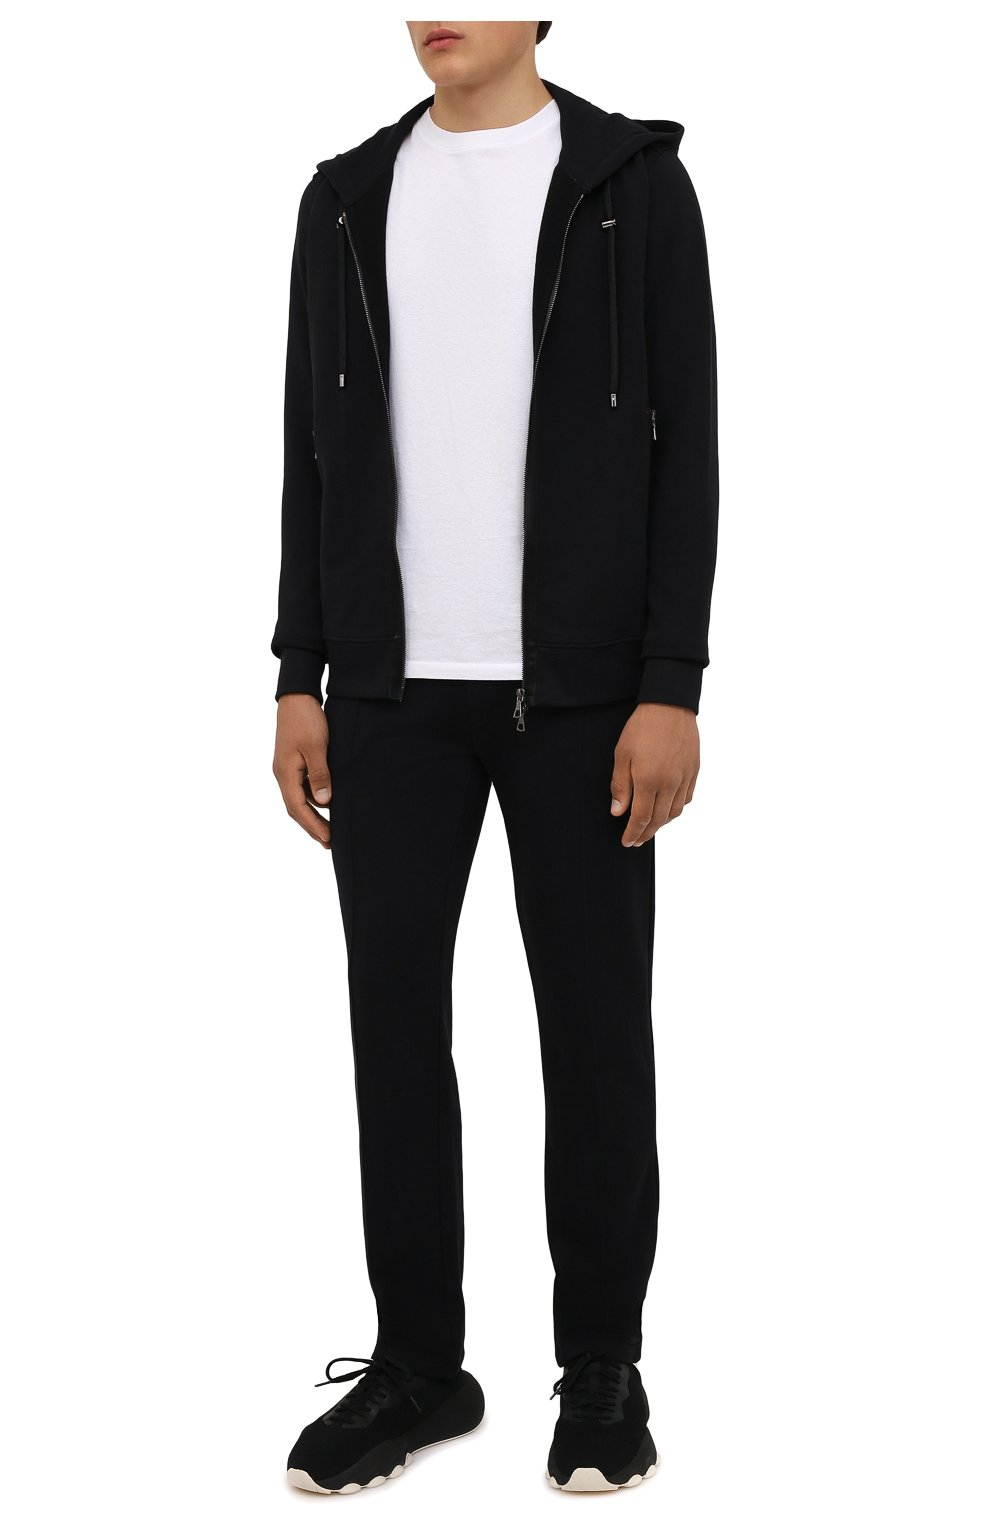 Мужские хлопковые брюки LIMITATO черного цвета, арт. TW0 T0NE/TRACK PANTS   Фото 2 (Мужское Кросс-КТ: Брюки-трикотаж; Длина (брюки, джинсы): Стандартные; Случай: Повседневный; Кросс-КТ: Спорт; Материал внешний: Хлопок; Стили: Спорт-шик)